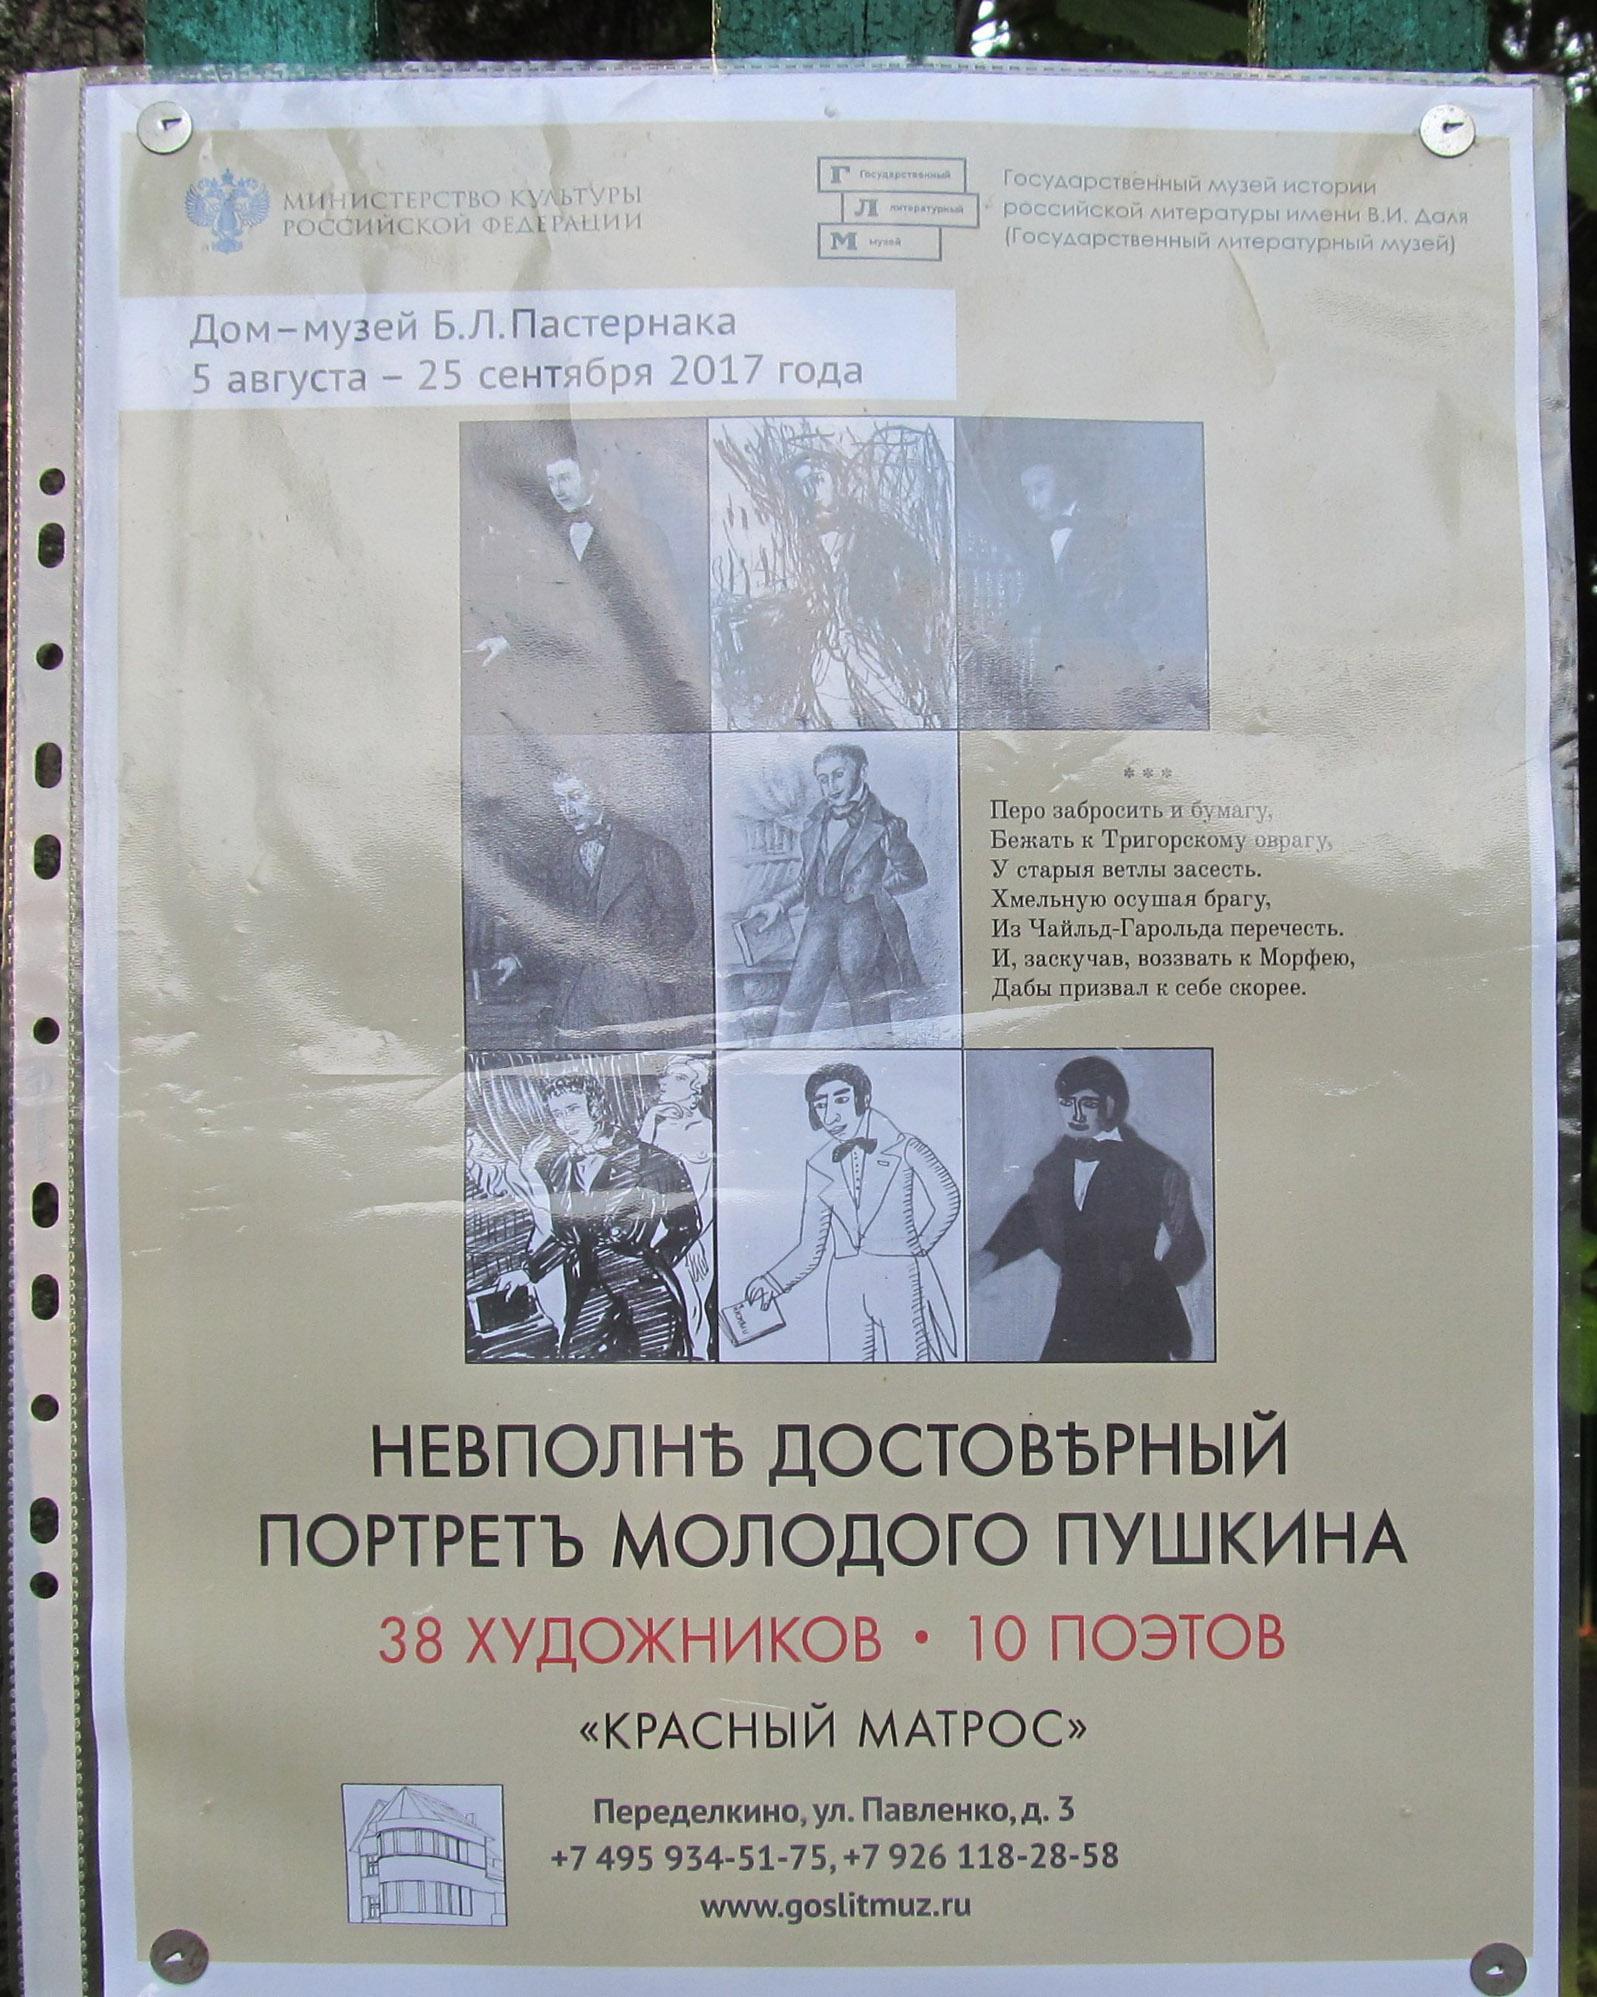 Музей Пастернака 13 августа (4).JPG